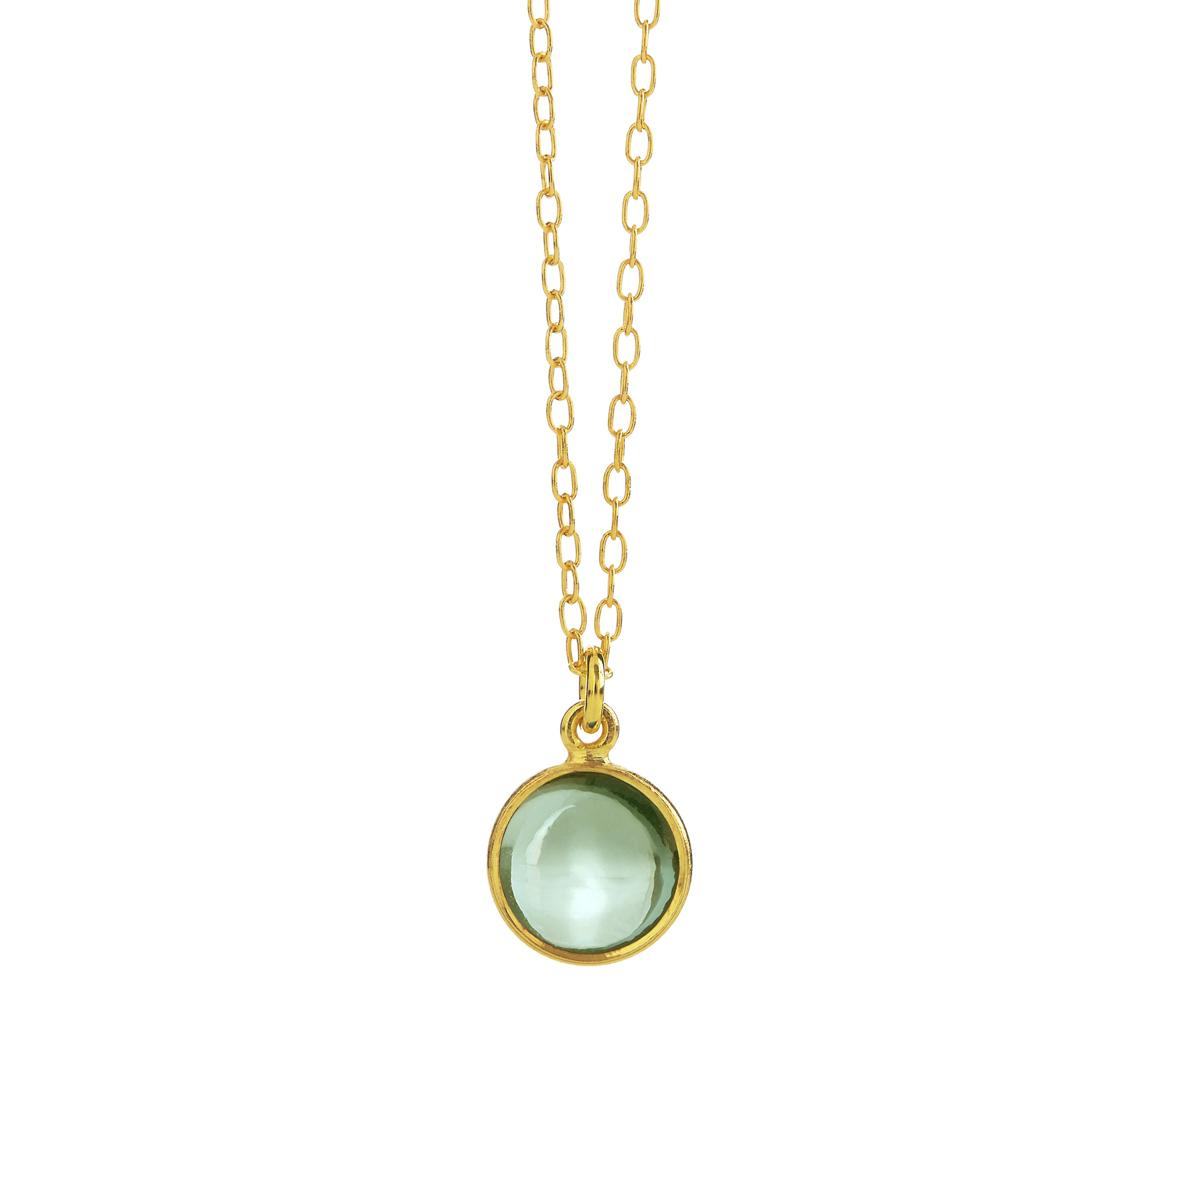 Forgyldt sølv halskæde fra Susanne Friis Bjørner med grøn kvarts